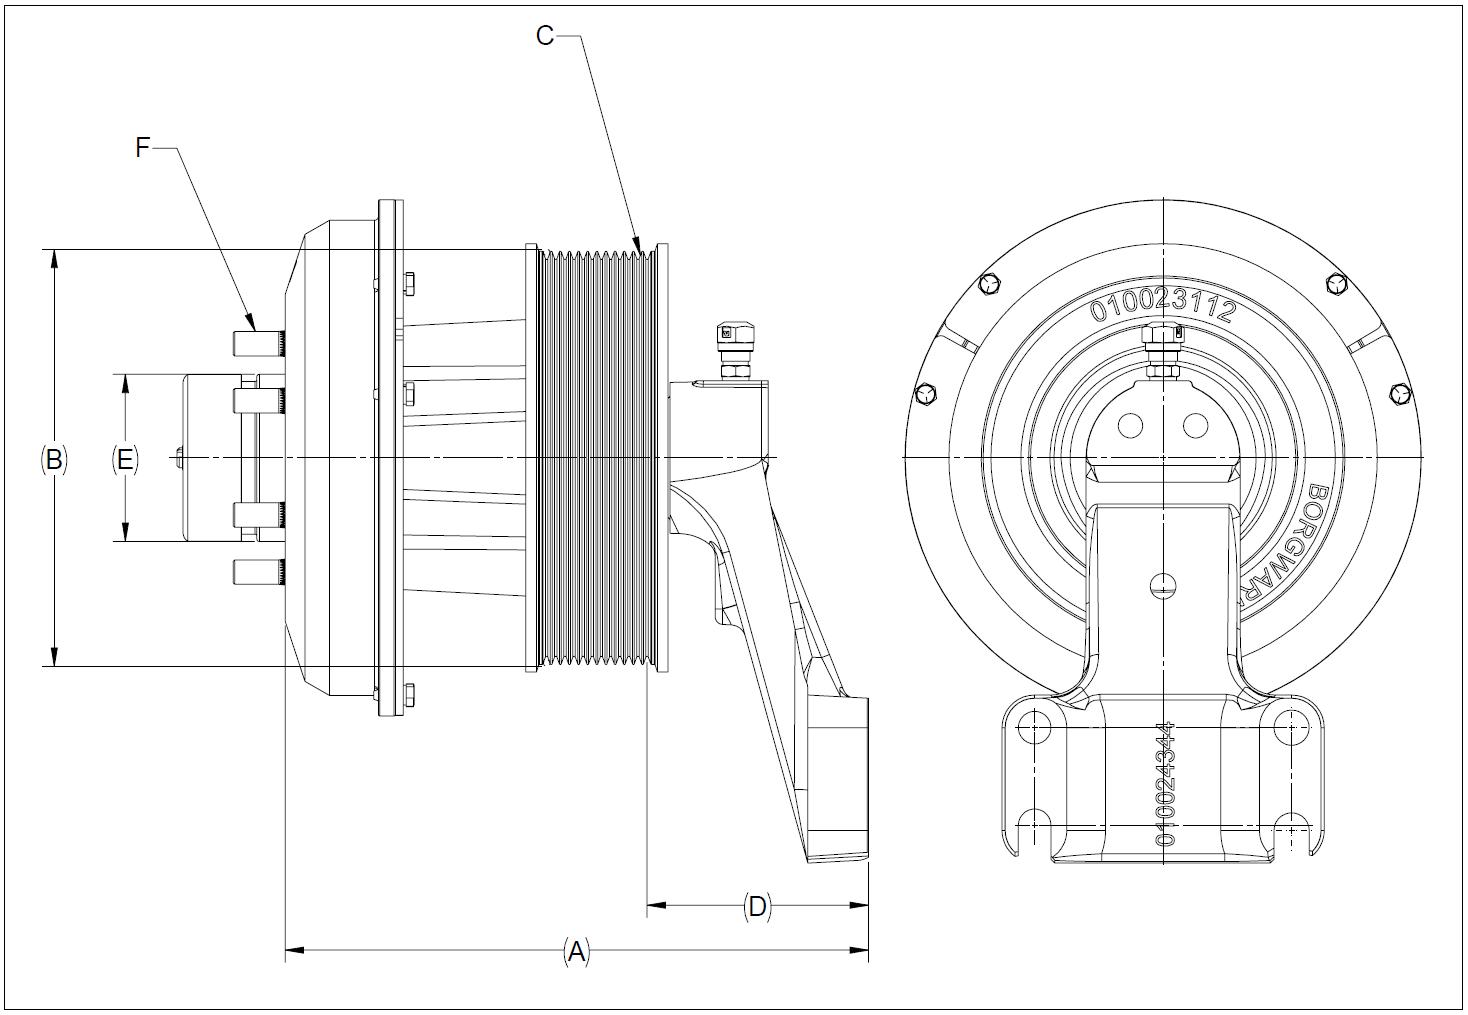 010026179 K32 Rear Air Fan Drive Assembly